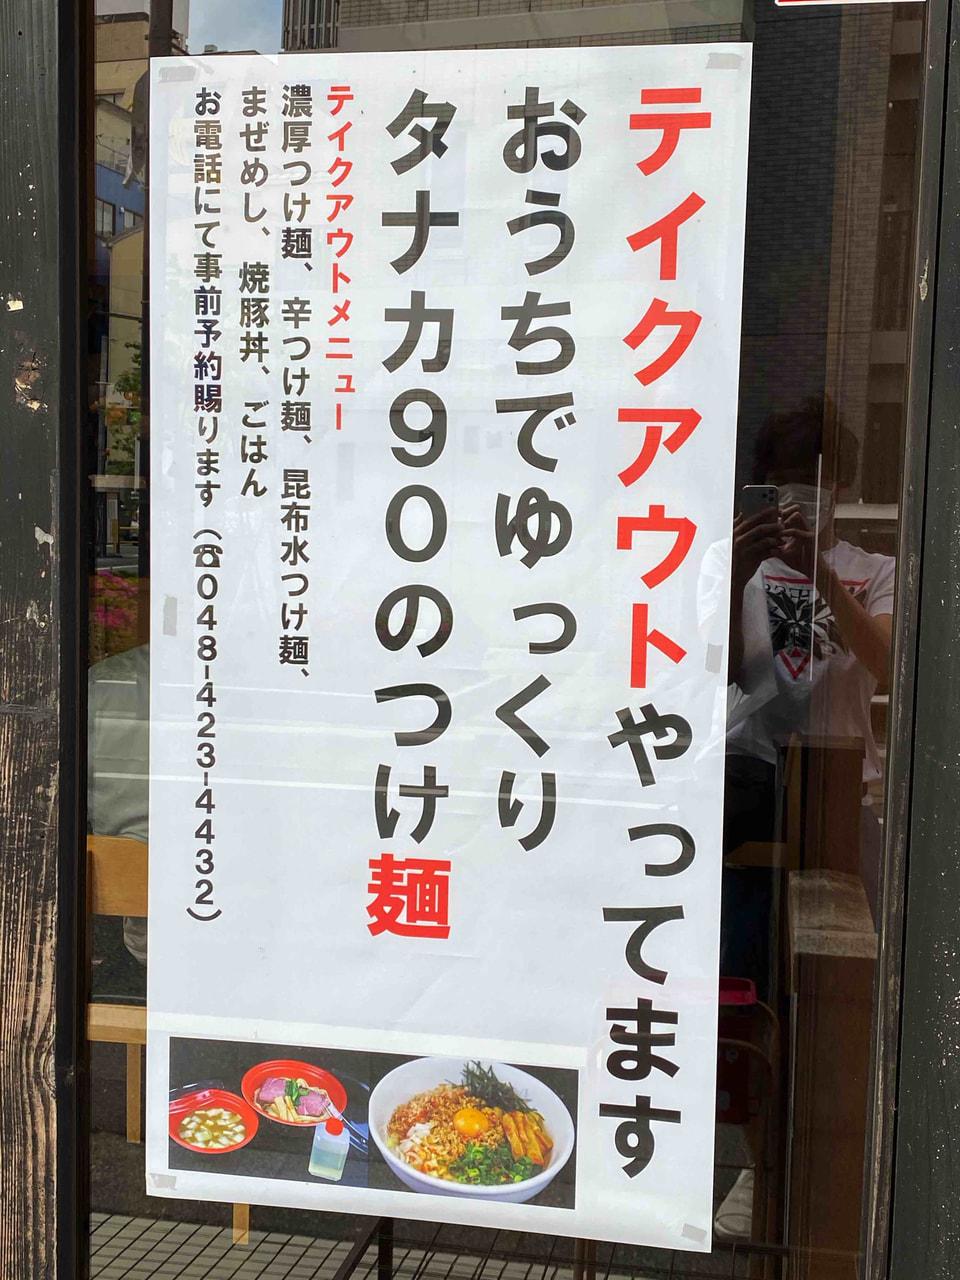 中華そば つけ麺 タナカ90(朝霞市)のテイクアウトできるお弁当